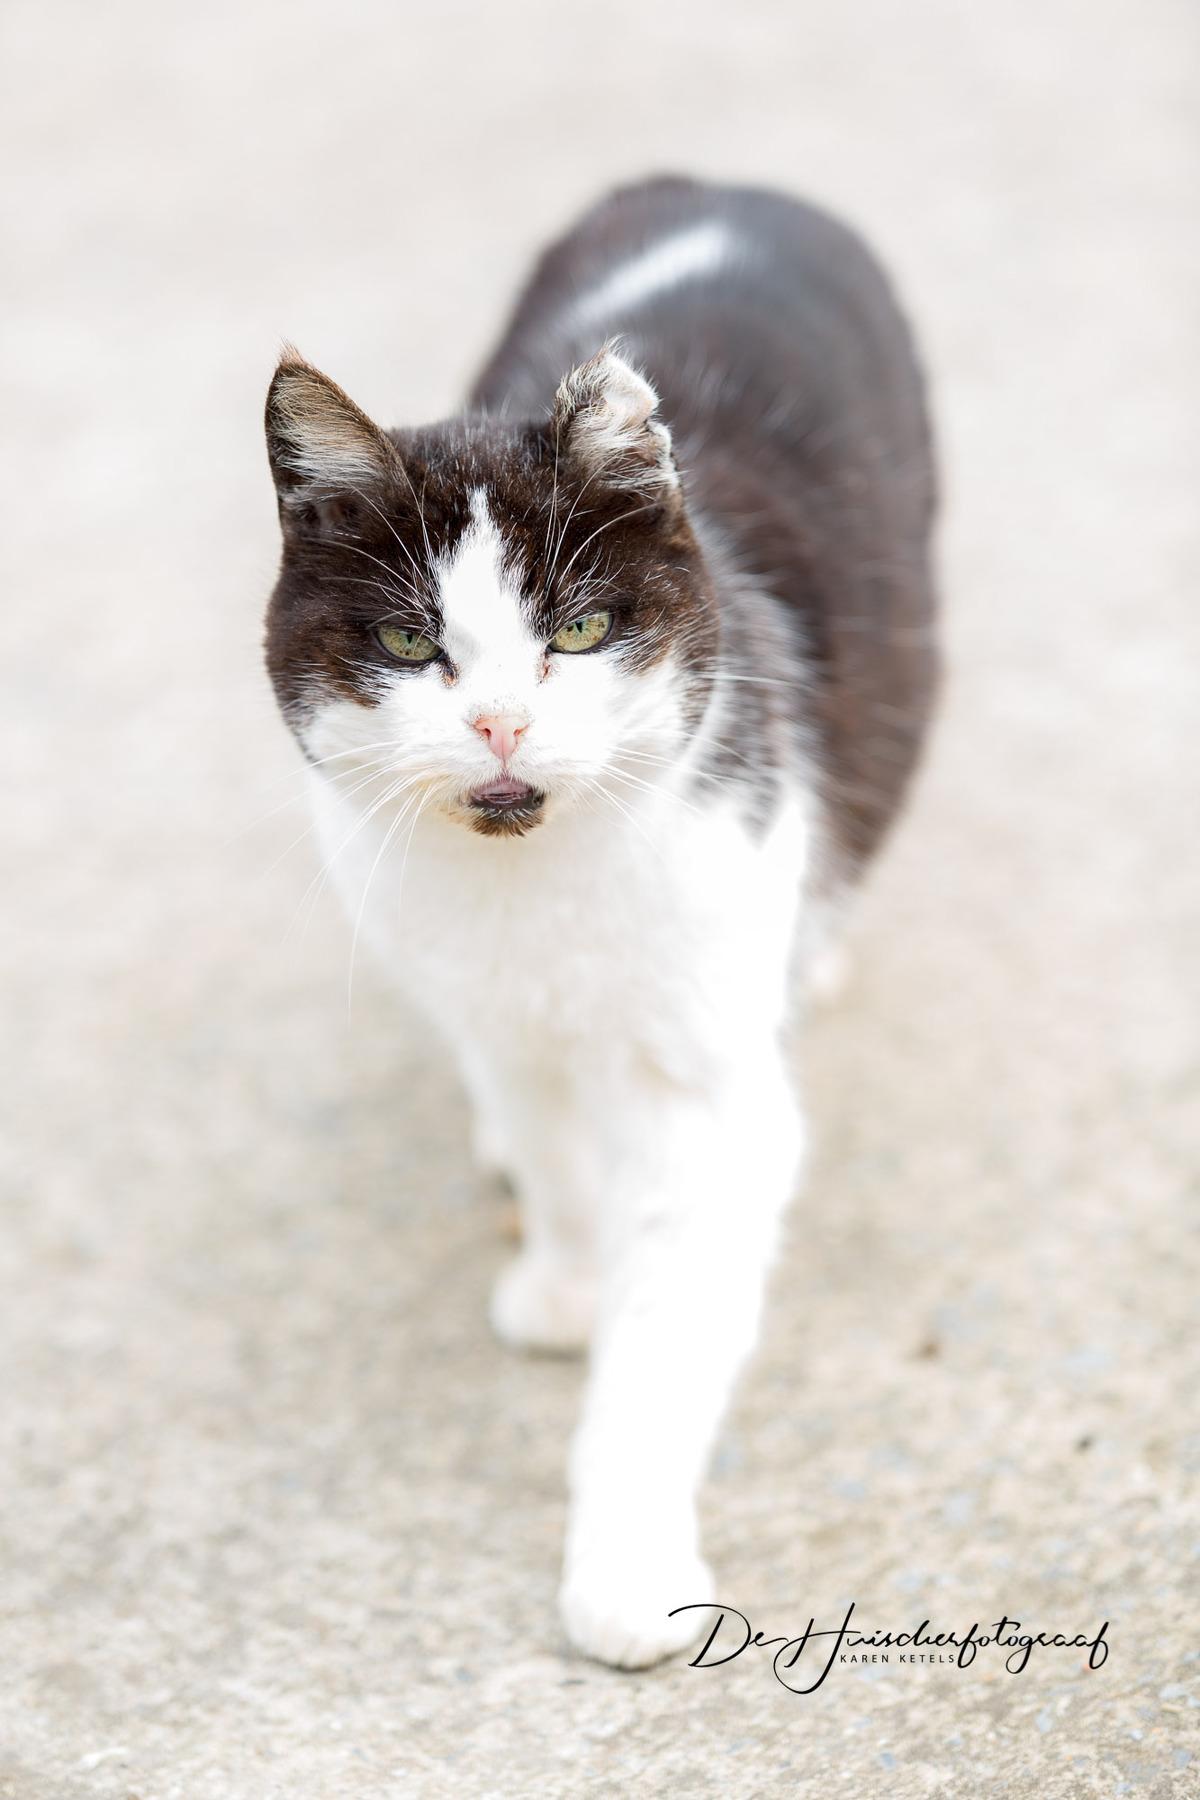 Portret van een kat die komt aangewandeld. De kat heeft een kapje in haar oor.